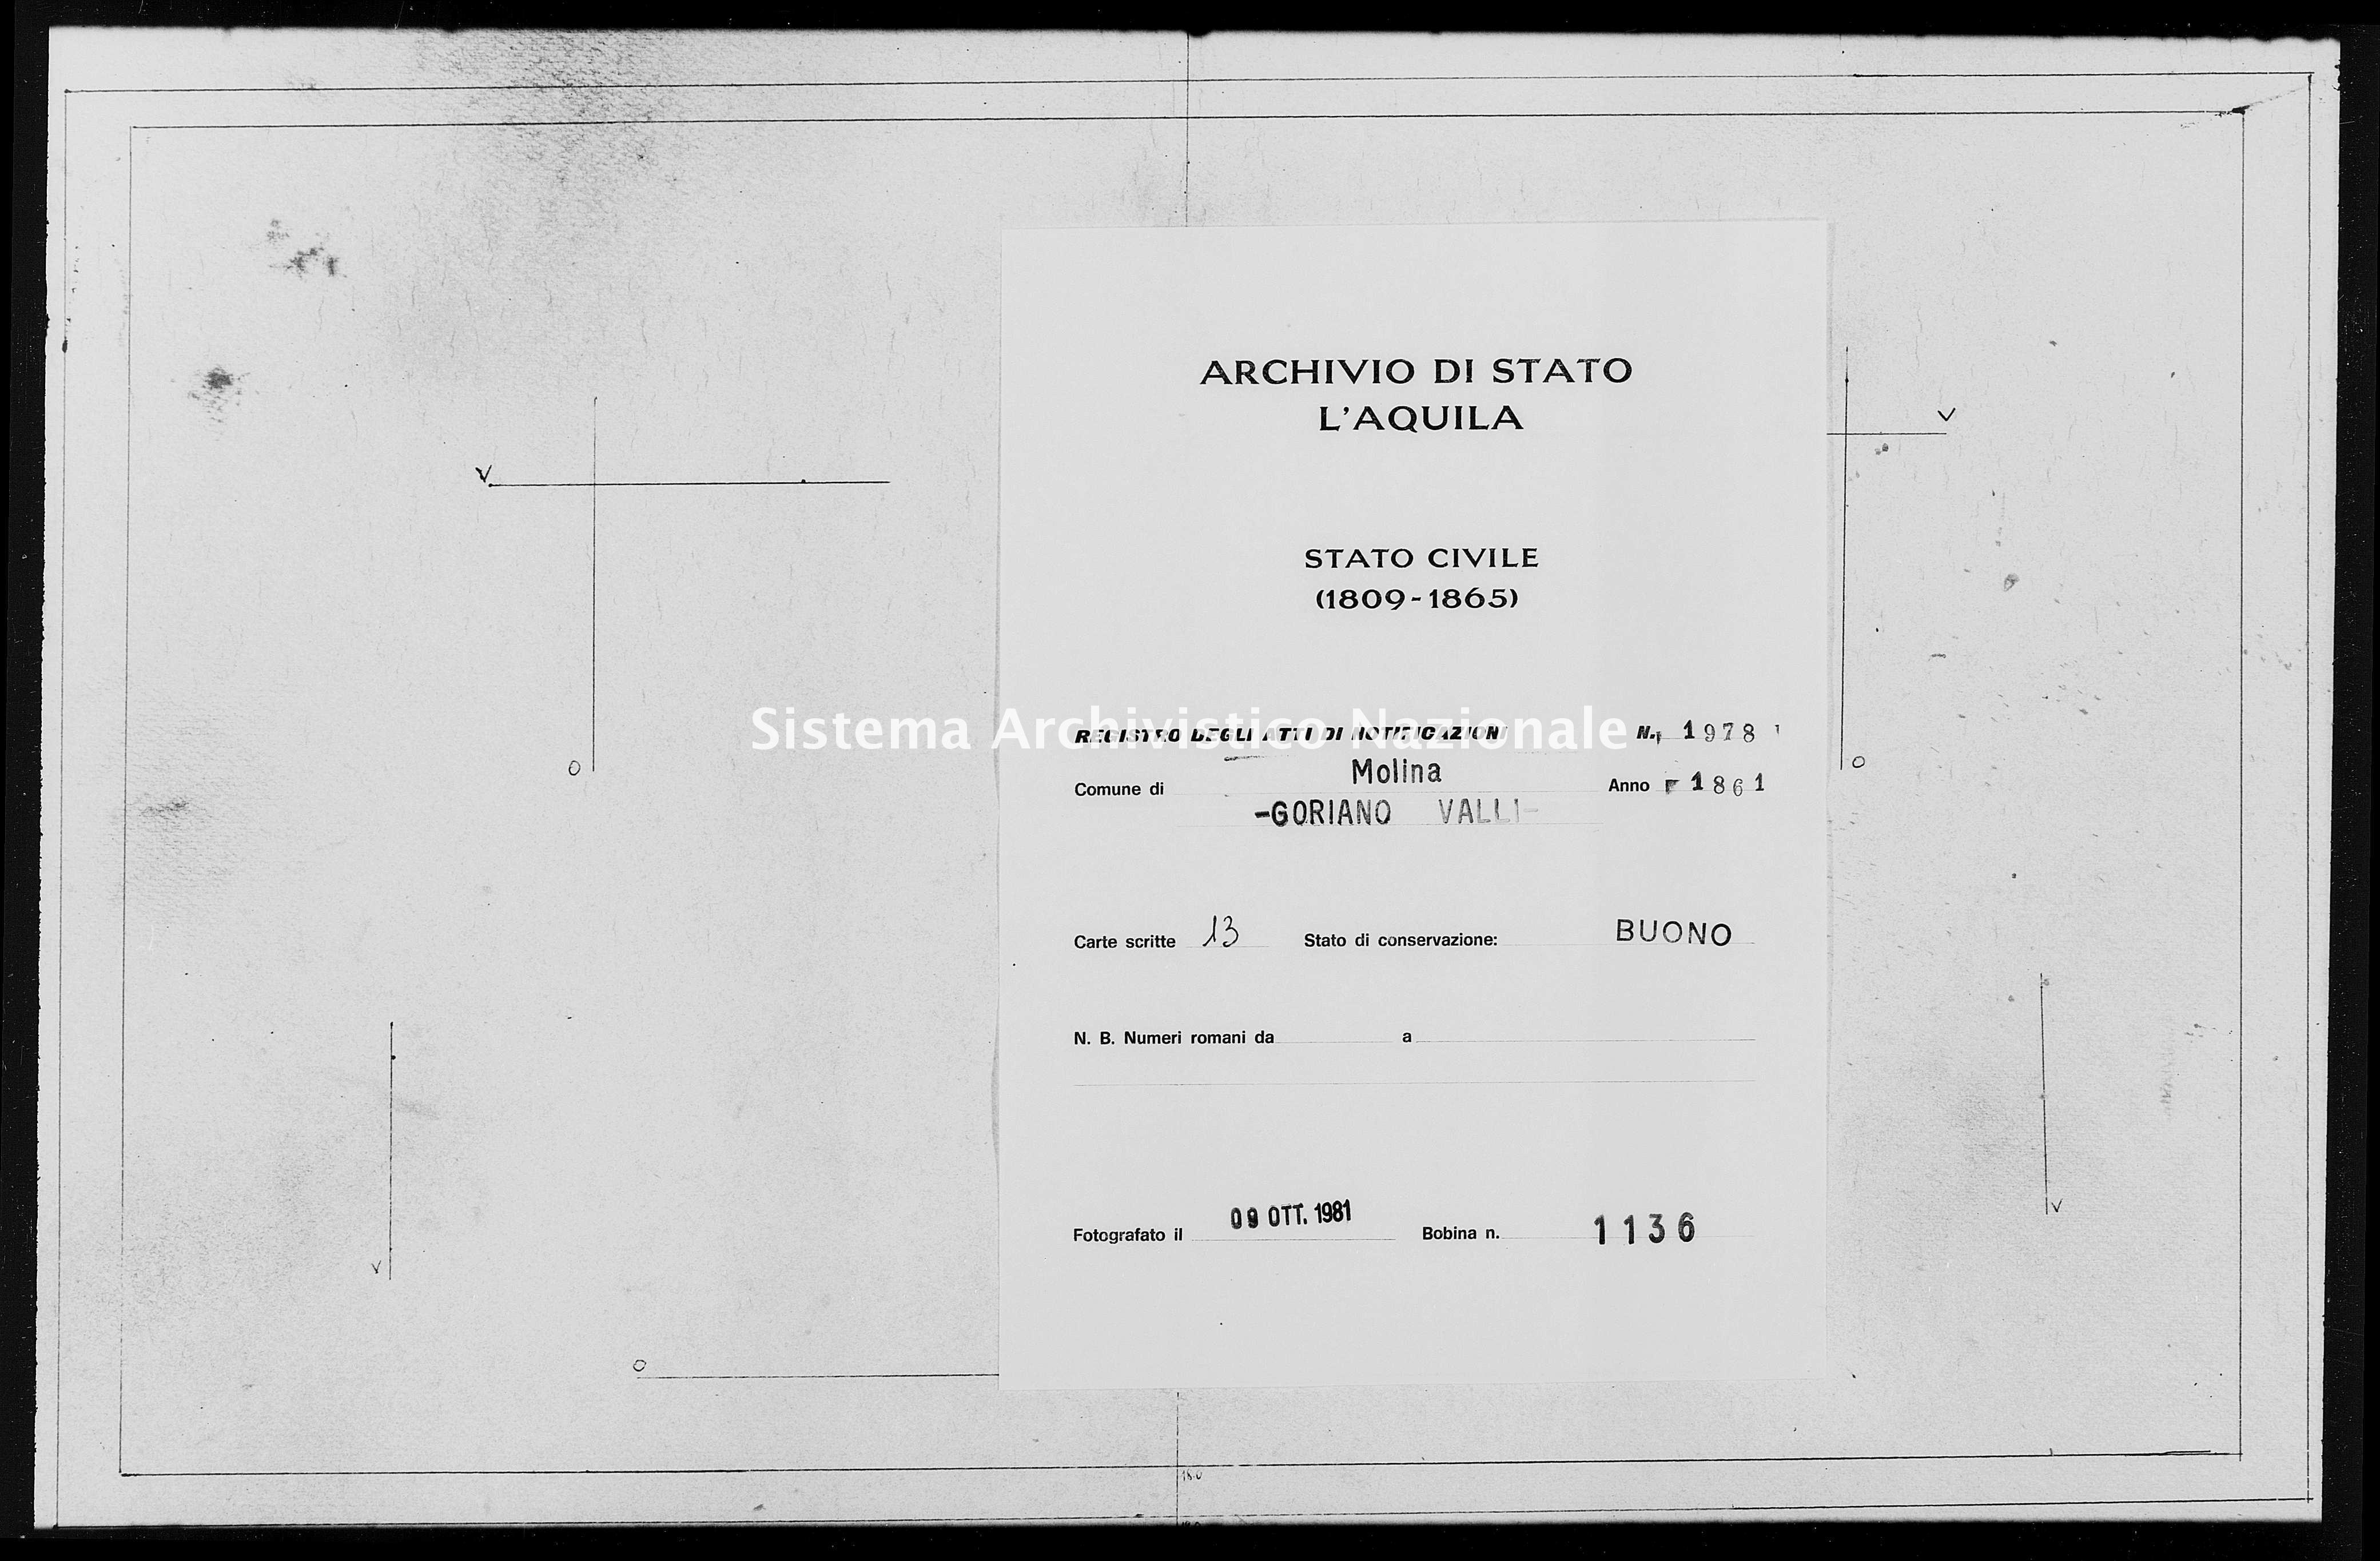 Archivio di stato di L'aquila - Stato civile italiano - Molina Aterno - Matrimoni, memorandum notificazioni ed opposizioni - 1861 - 1978 -